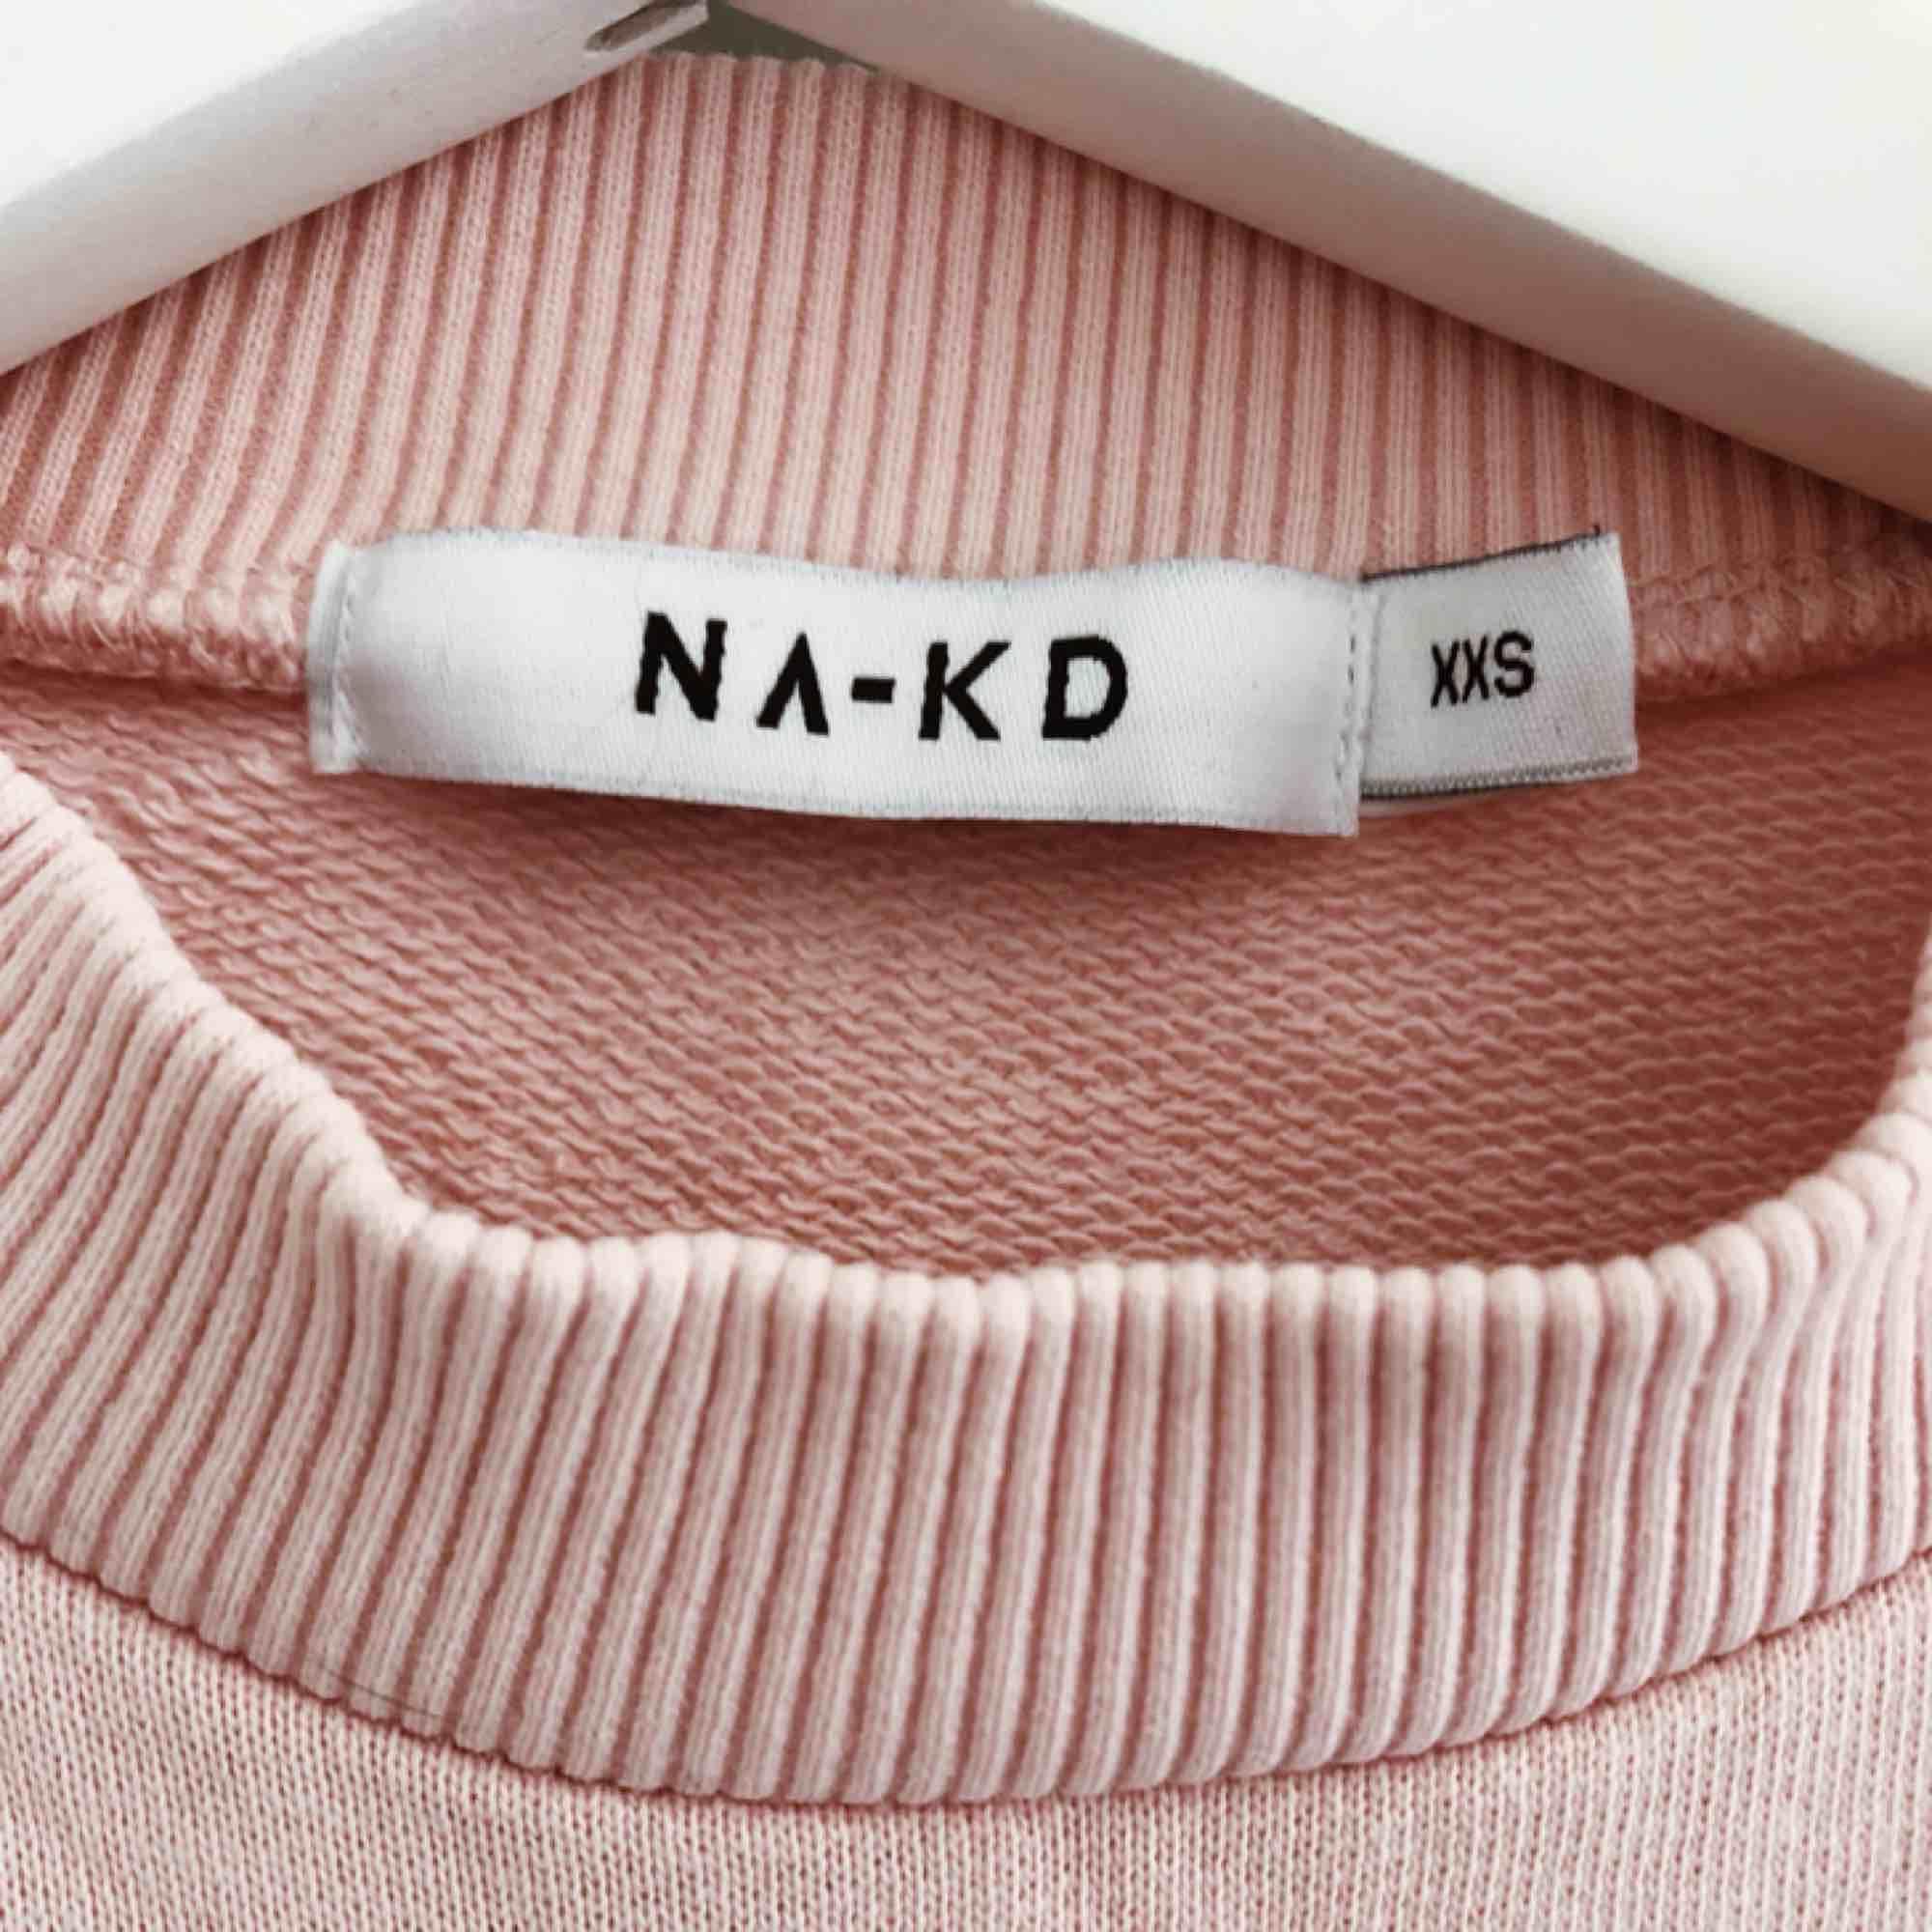 Superfin och skön ljusrosa tröja ifrån NAKD, den är i nyskick eftersom jag bara har använt den högst 2 gånger,. Tröjor & Koftor.